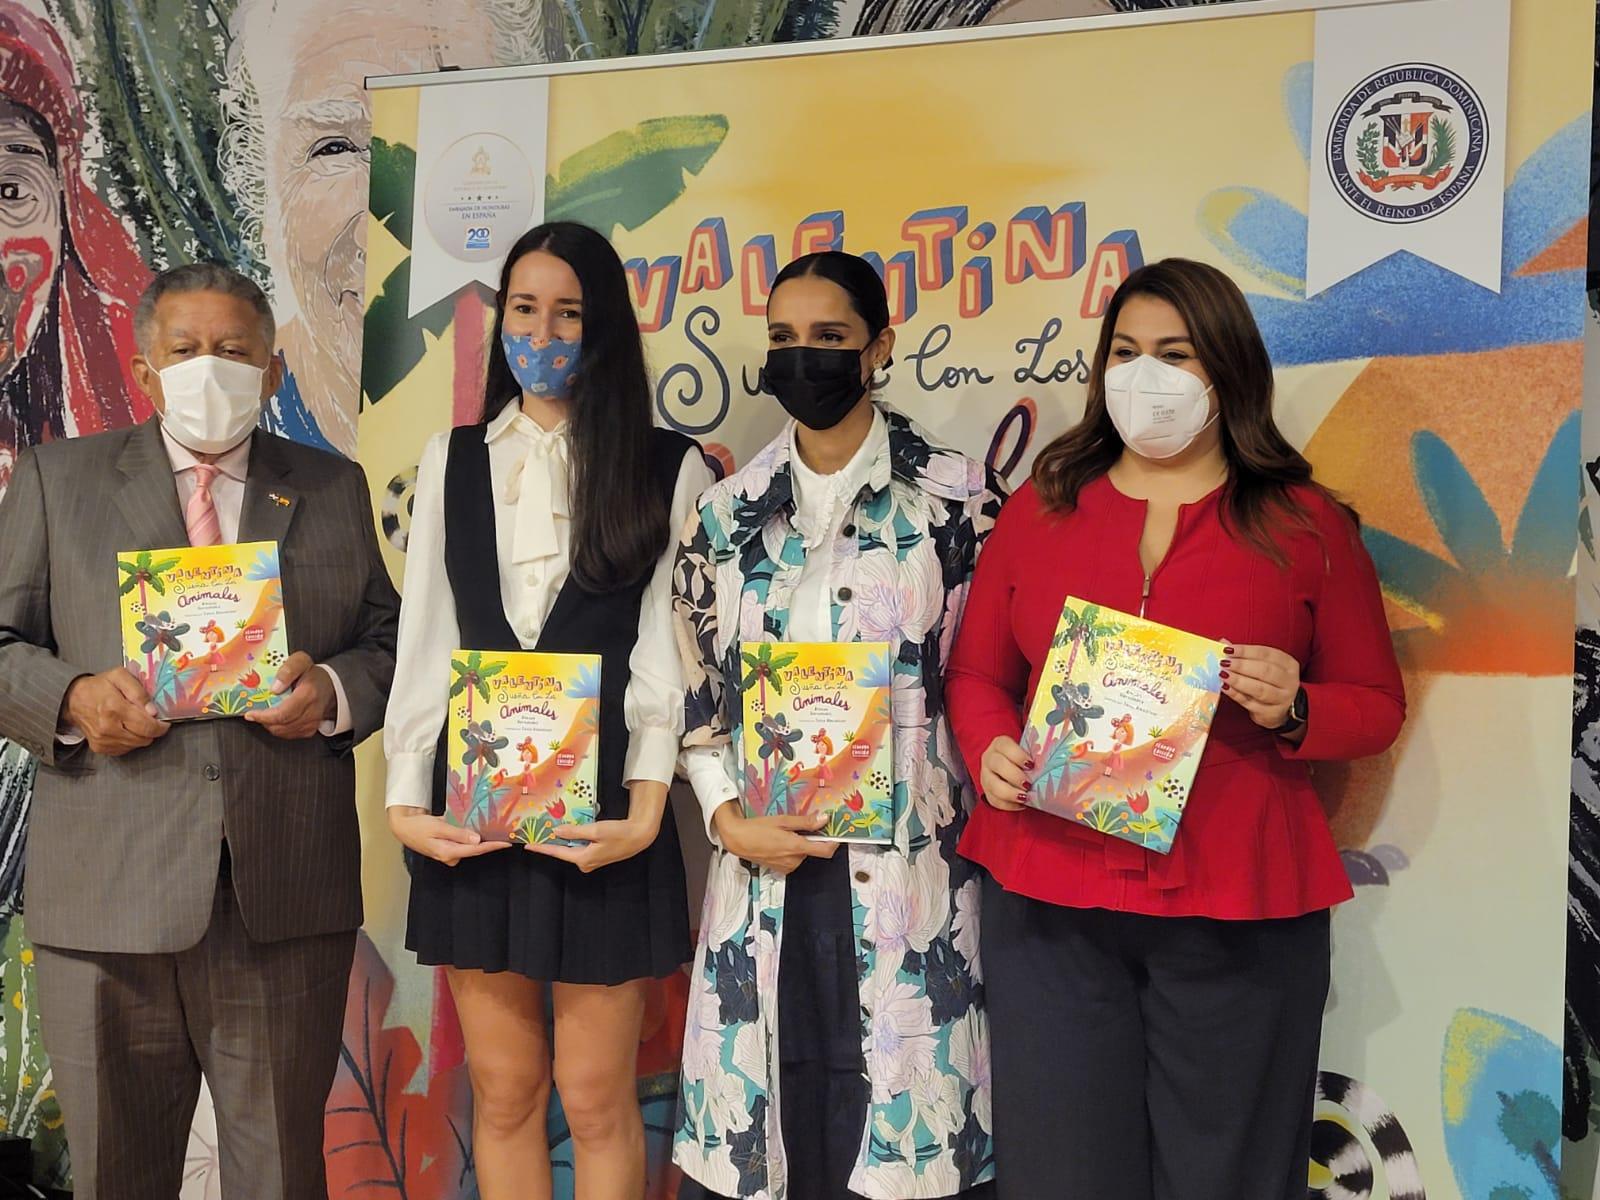 """Feria del Libro Madrid: Presentan libro """"Valentina sueña con los animales"""", ilustrado por dominicana Taína Almodóvar"""